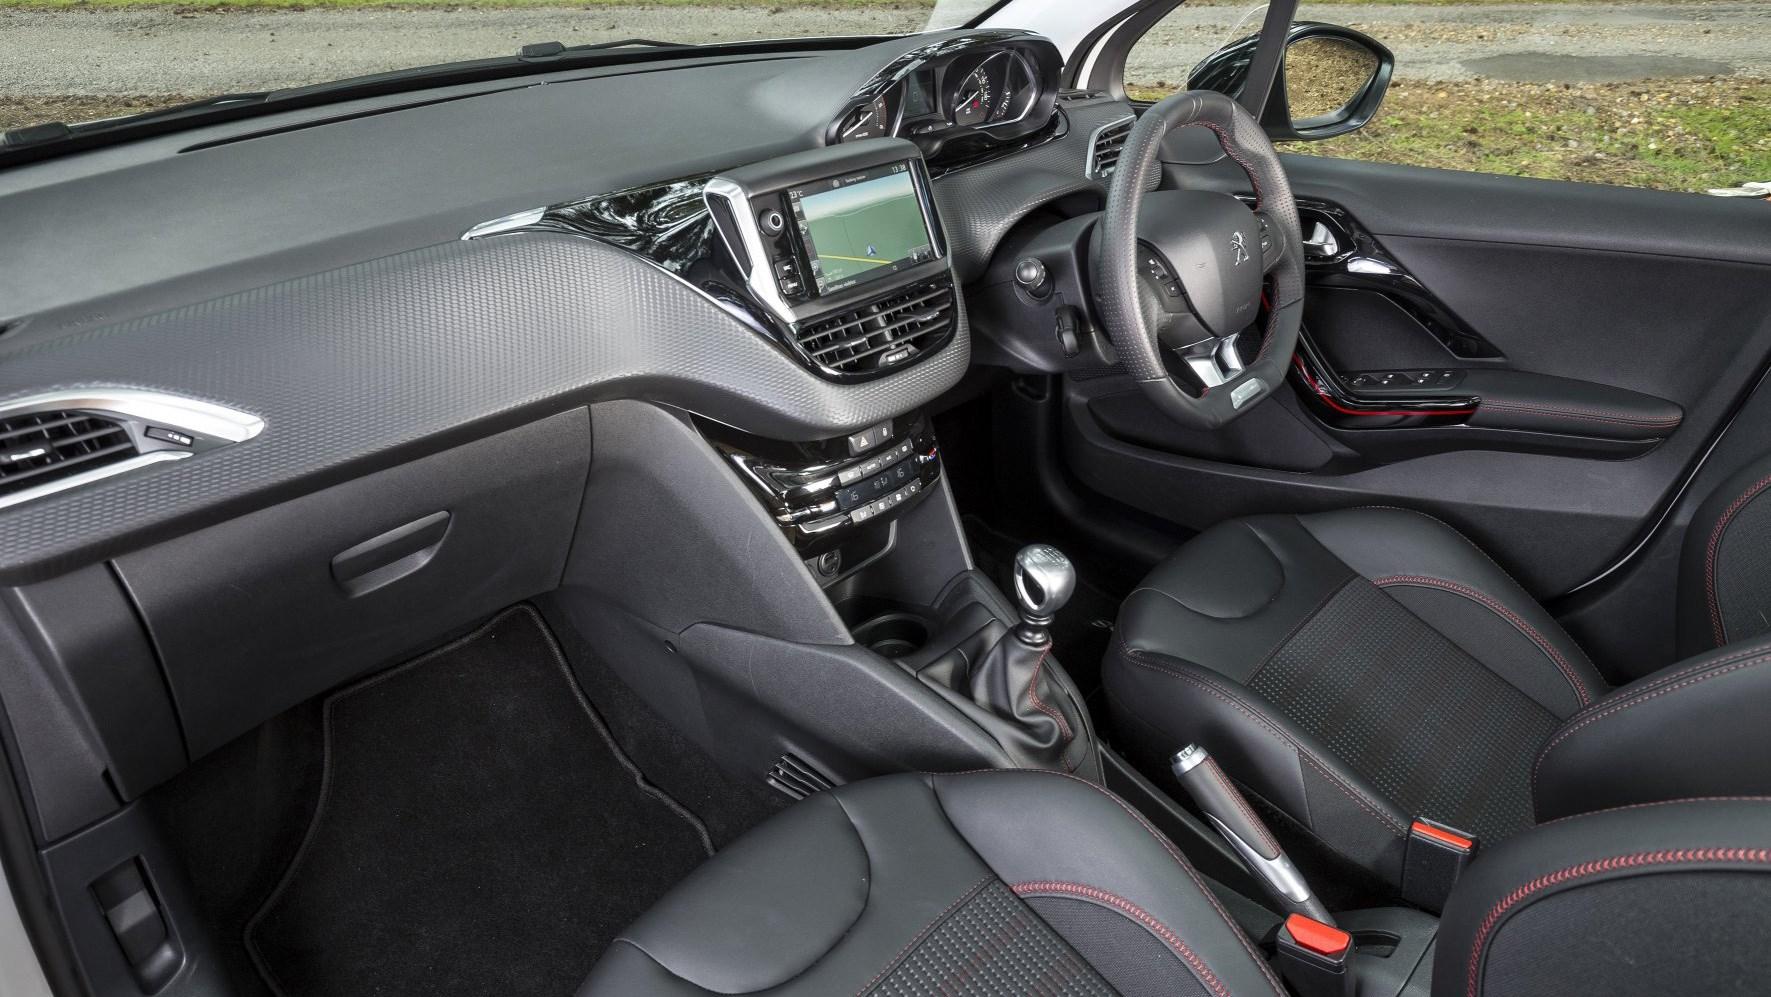 https://www.carmagazine.co.uk/Images/PageFiles/32597/Peugeot208_GTLine_4.jpg